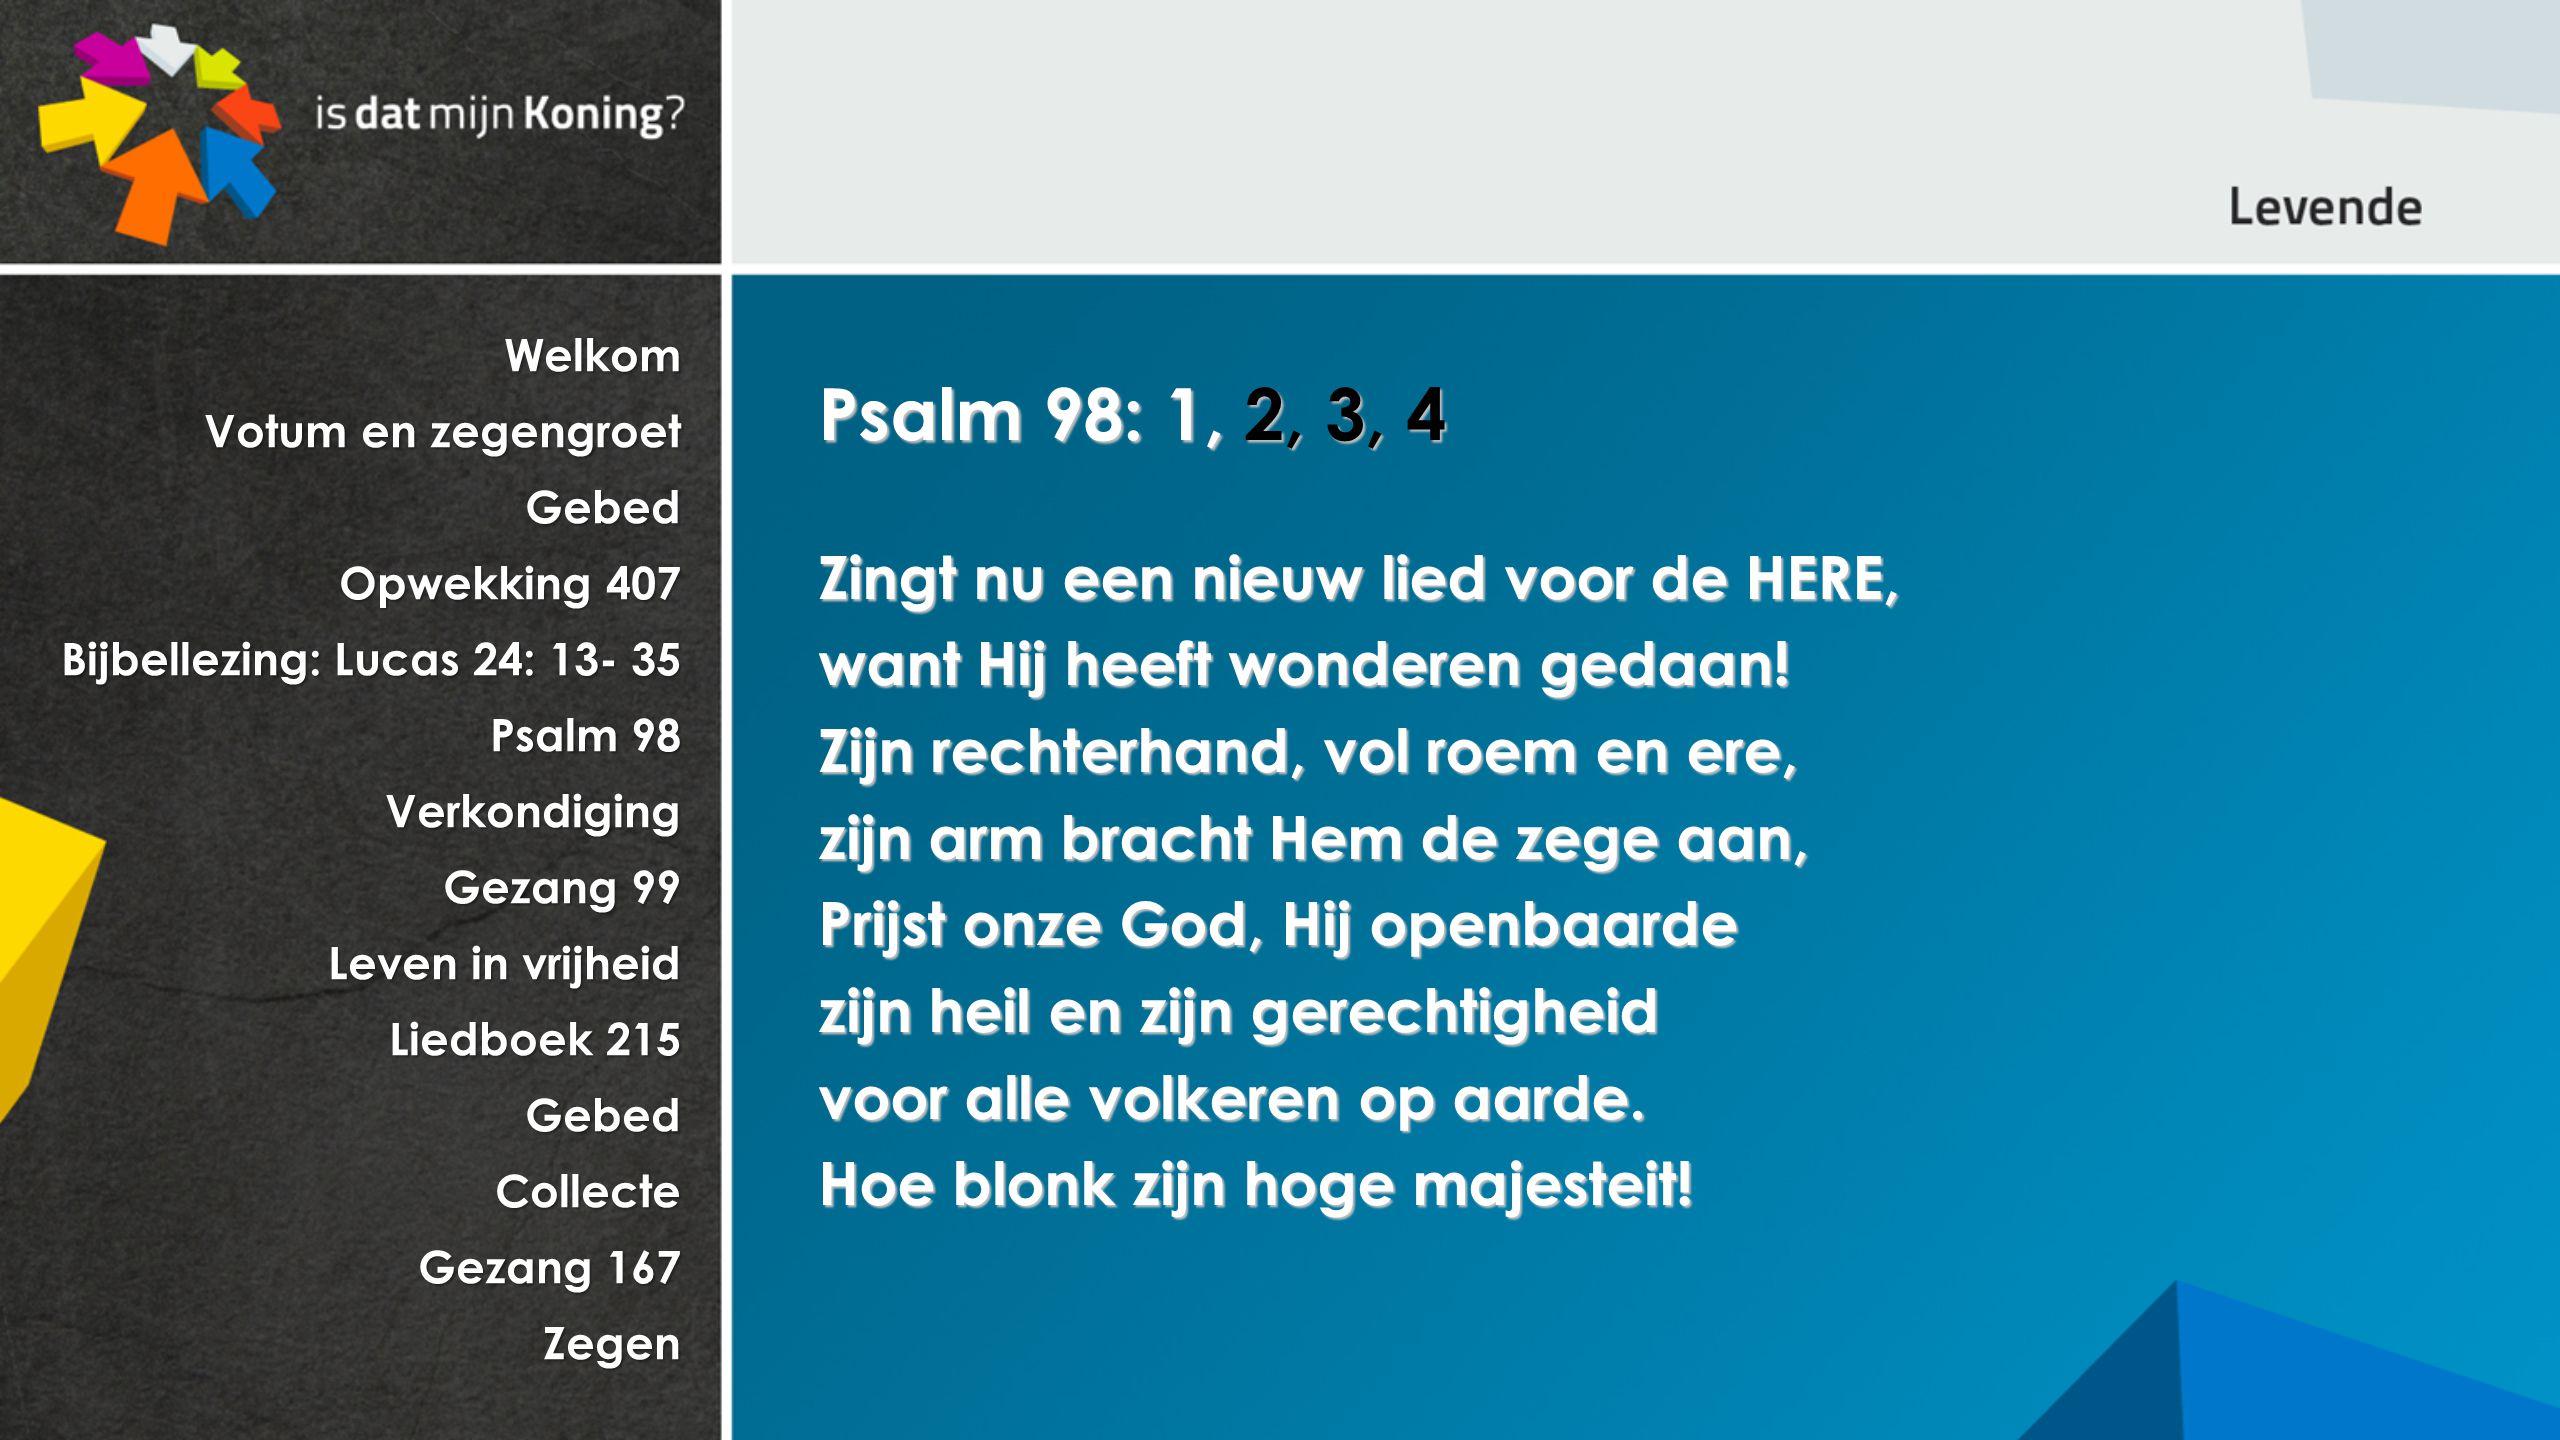 Psalm 98: 1, 2, 3, 4 Zingt nu een nieuw lied voor de HERE,